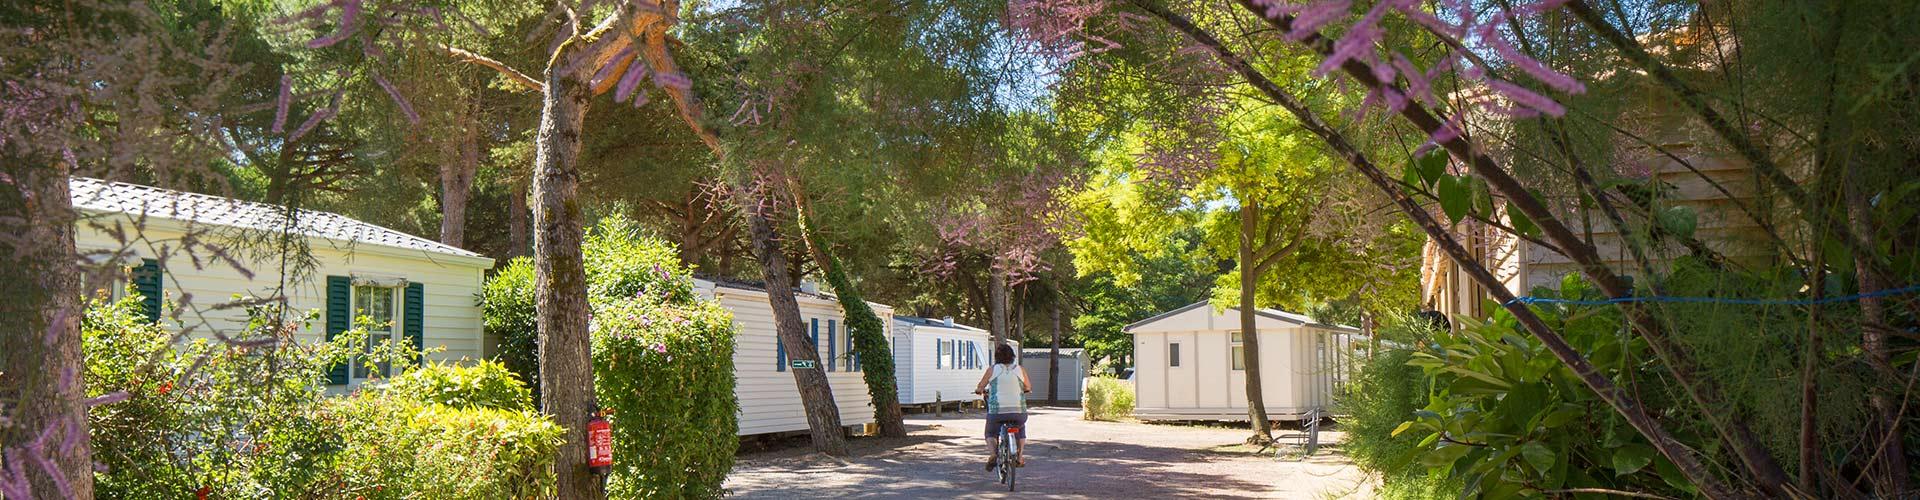 camping bois plage en r camping ile de r camping 3 etoiles ile de re. Black Bedroom Furniture Sets. Home Design Ideas